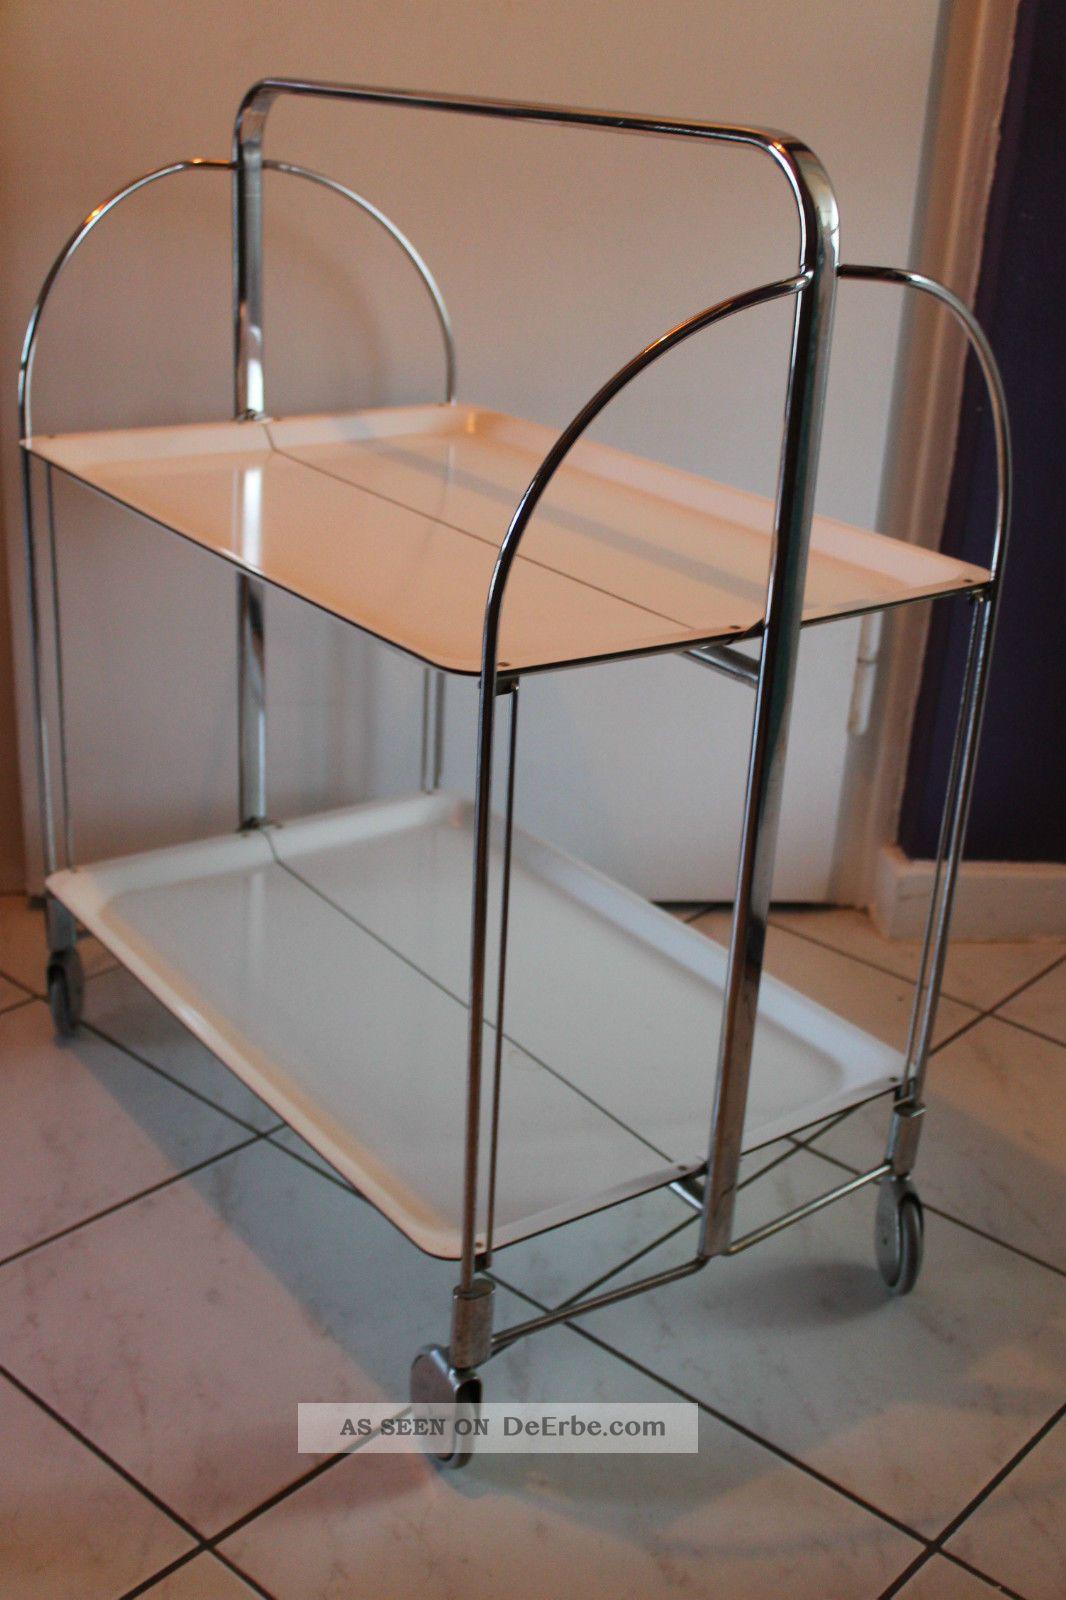 trolley rollwagen dinett servierwagen teewagen 60er jahre wei design klassiker. Black Bedroom Furniture Sets. Home Design Ideas